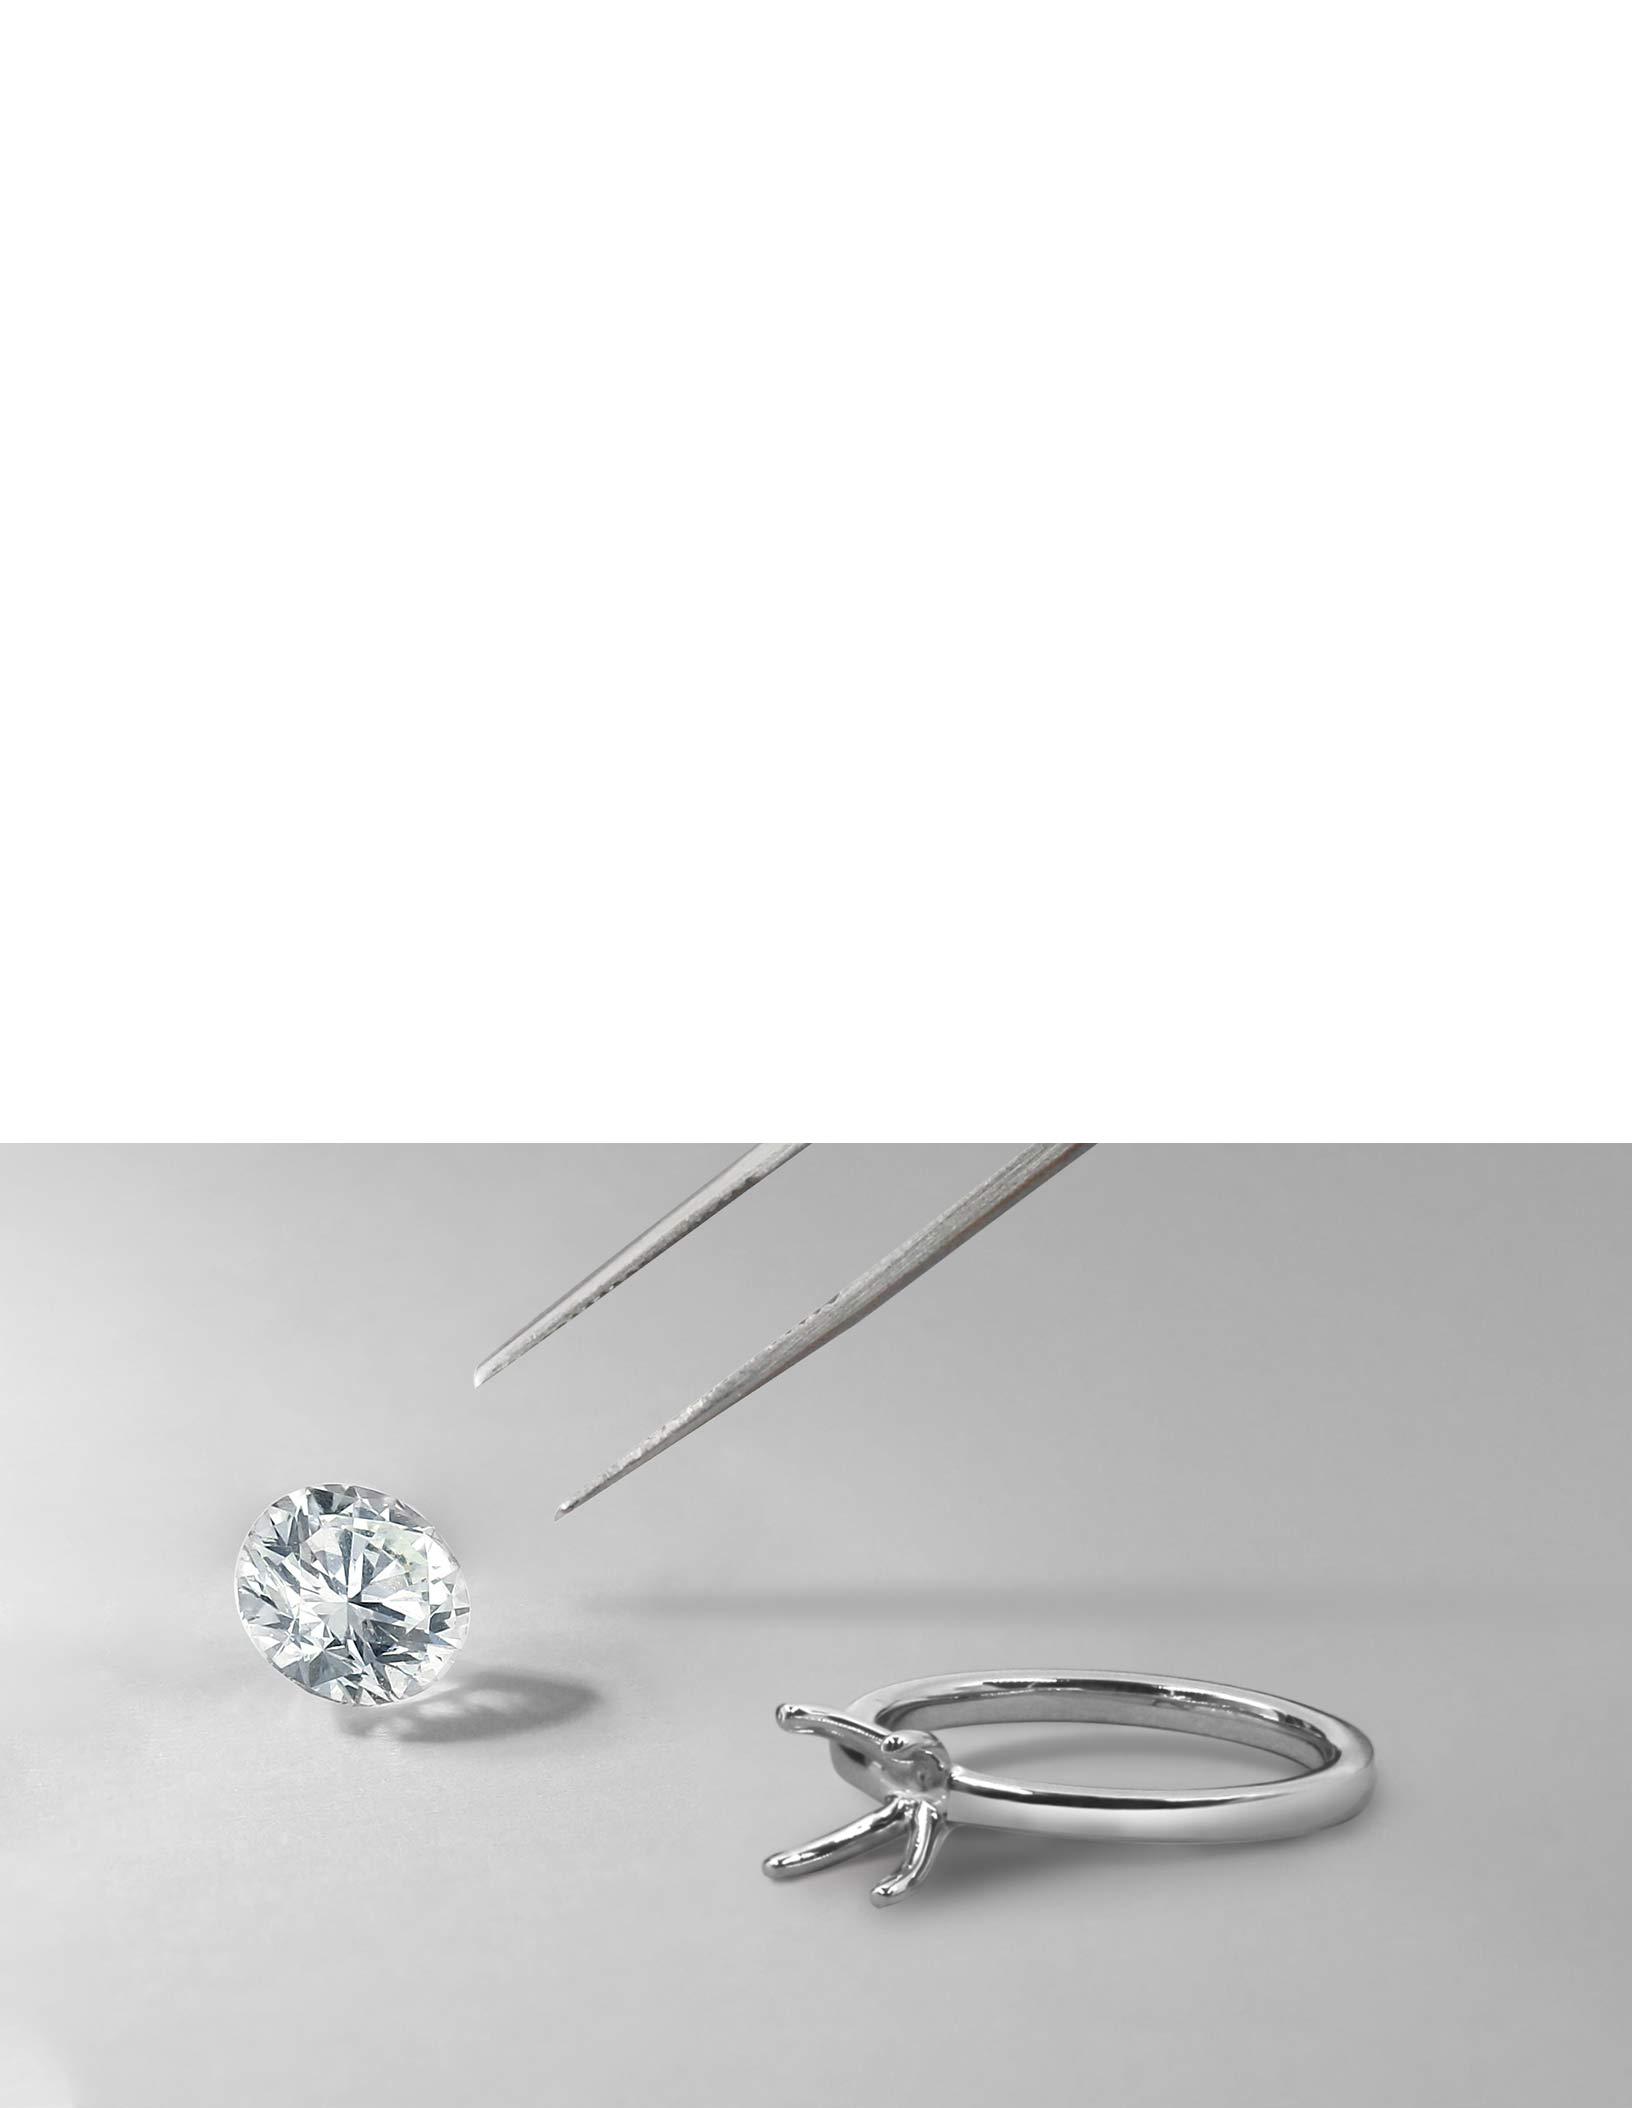 London Engagement Rings - Steven Stone